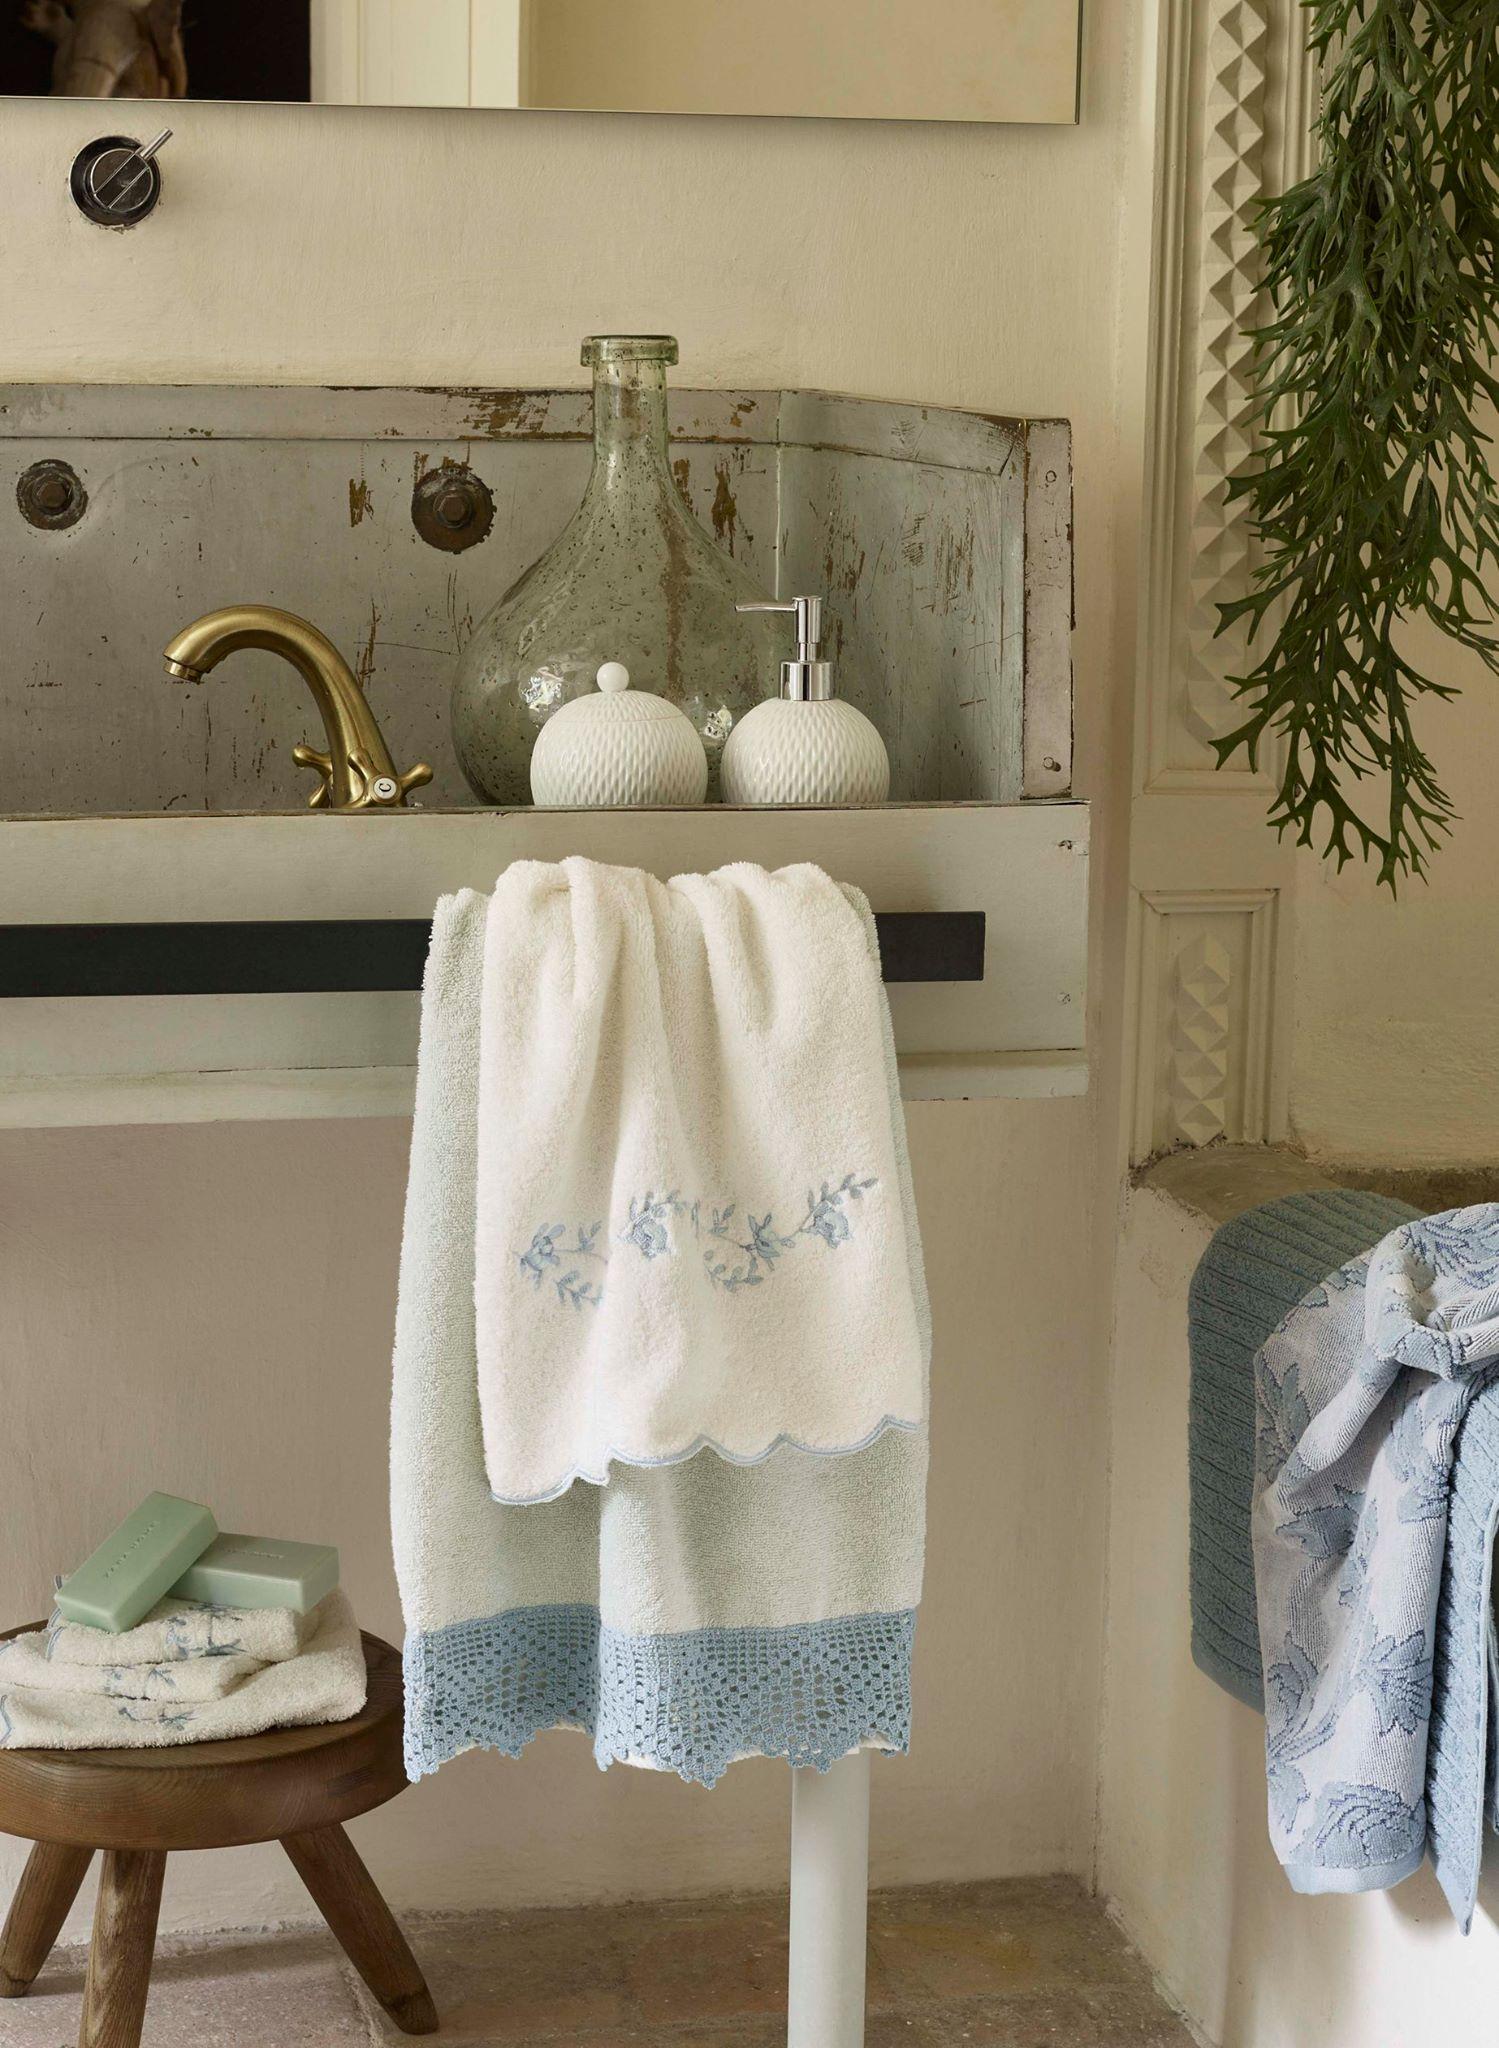 Flora collection by zara home shabby chic mania by grazia maiolino - Zara home accessori bagno ...